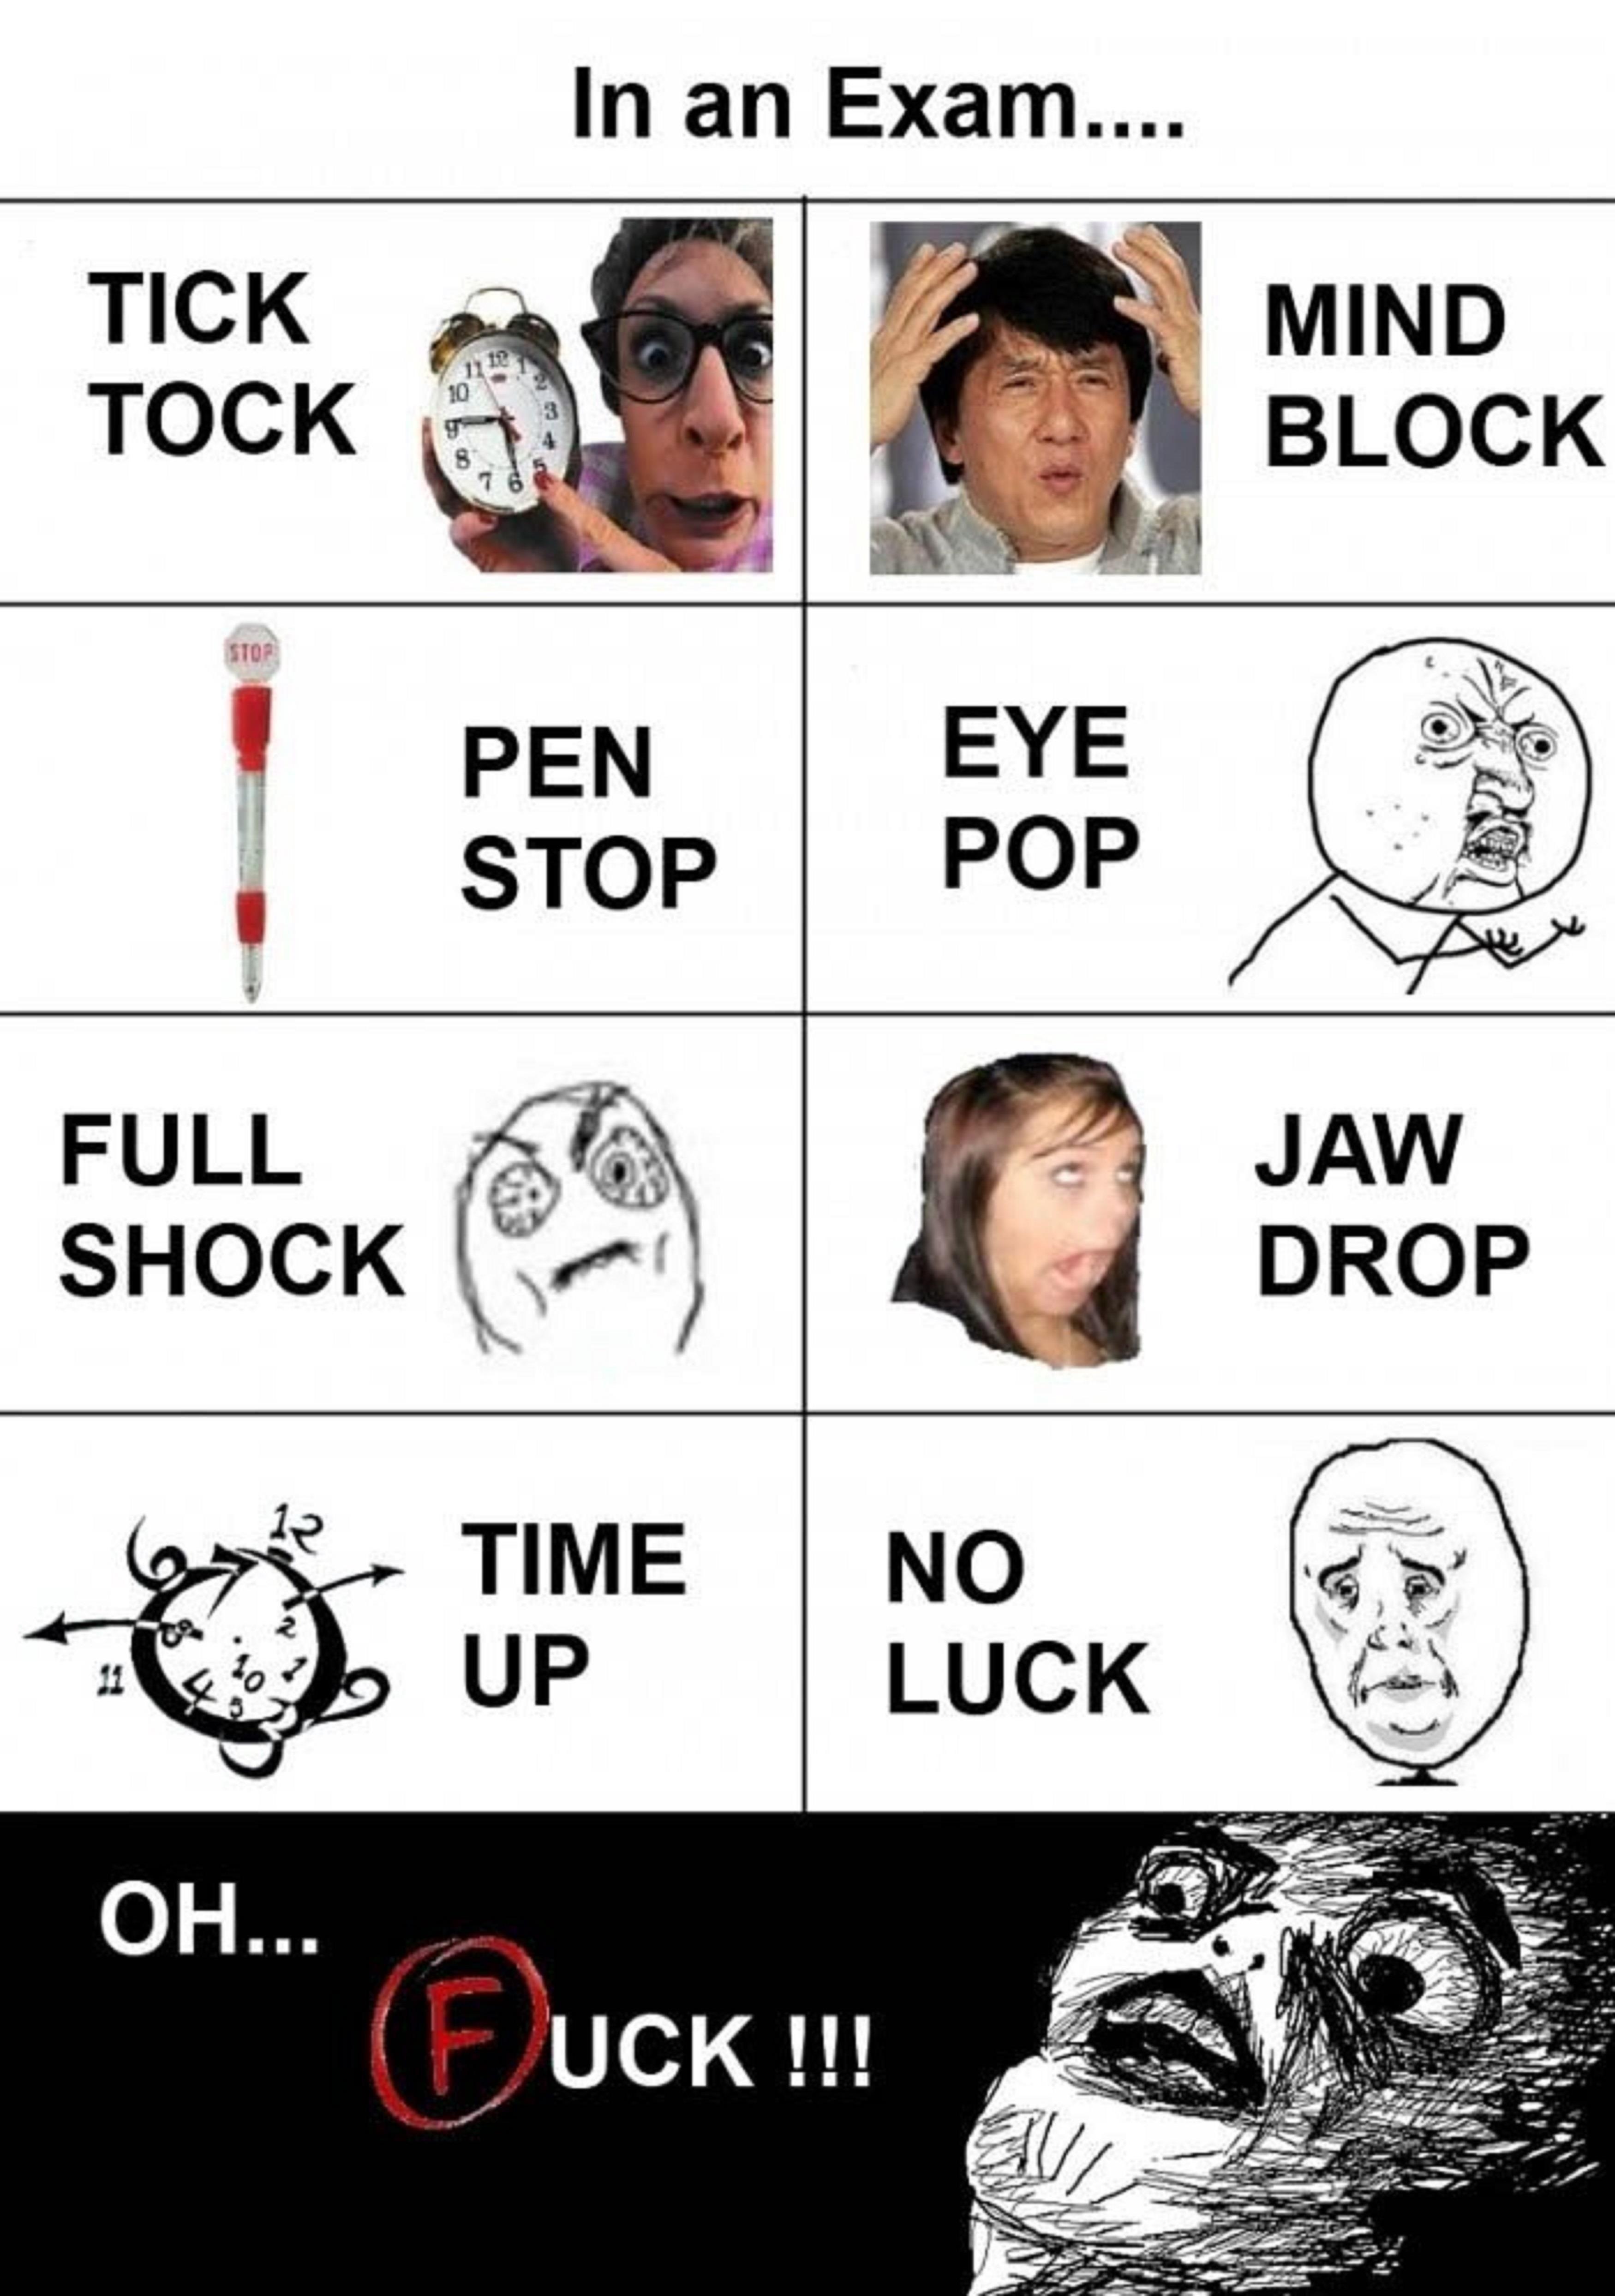 Funny Exam Memes Results Exams Memes Exams Funny Latest Funny Jokes